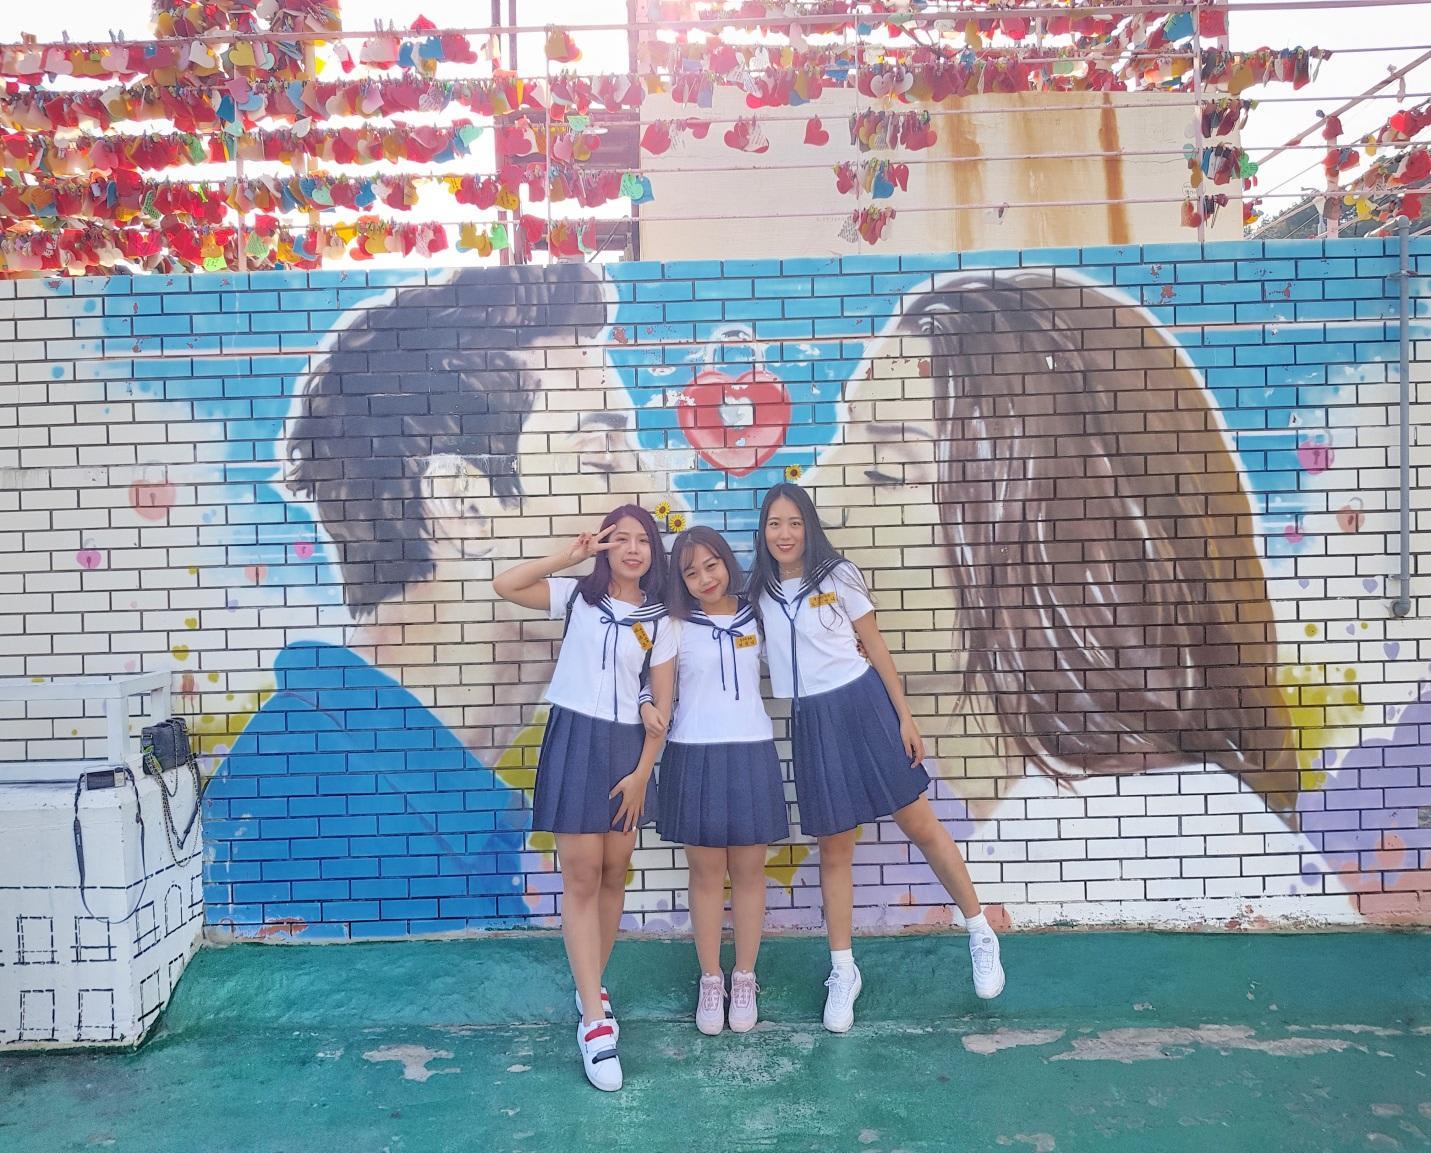 chụp ảnh với bích họa tại gamcheon